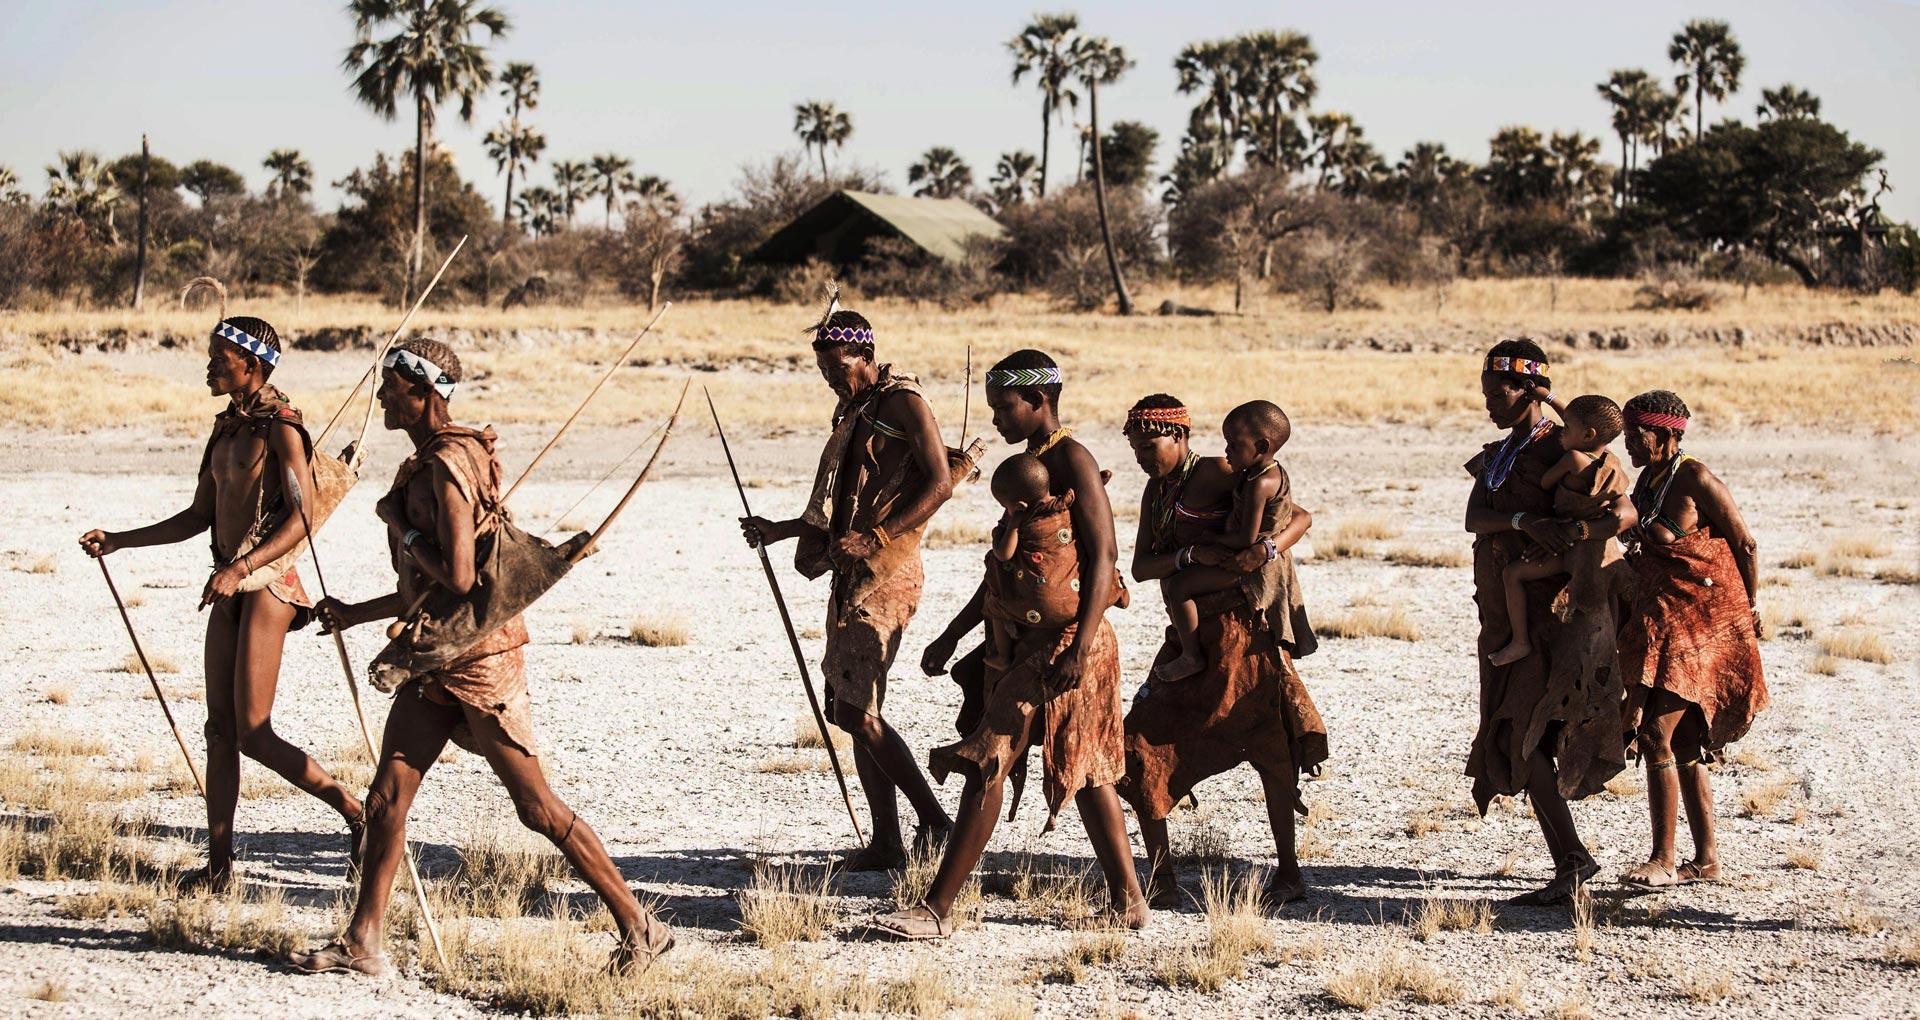 Highlights from Botsuana